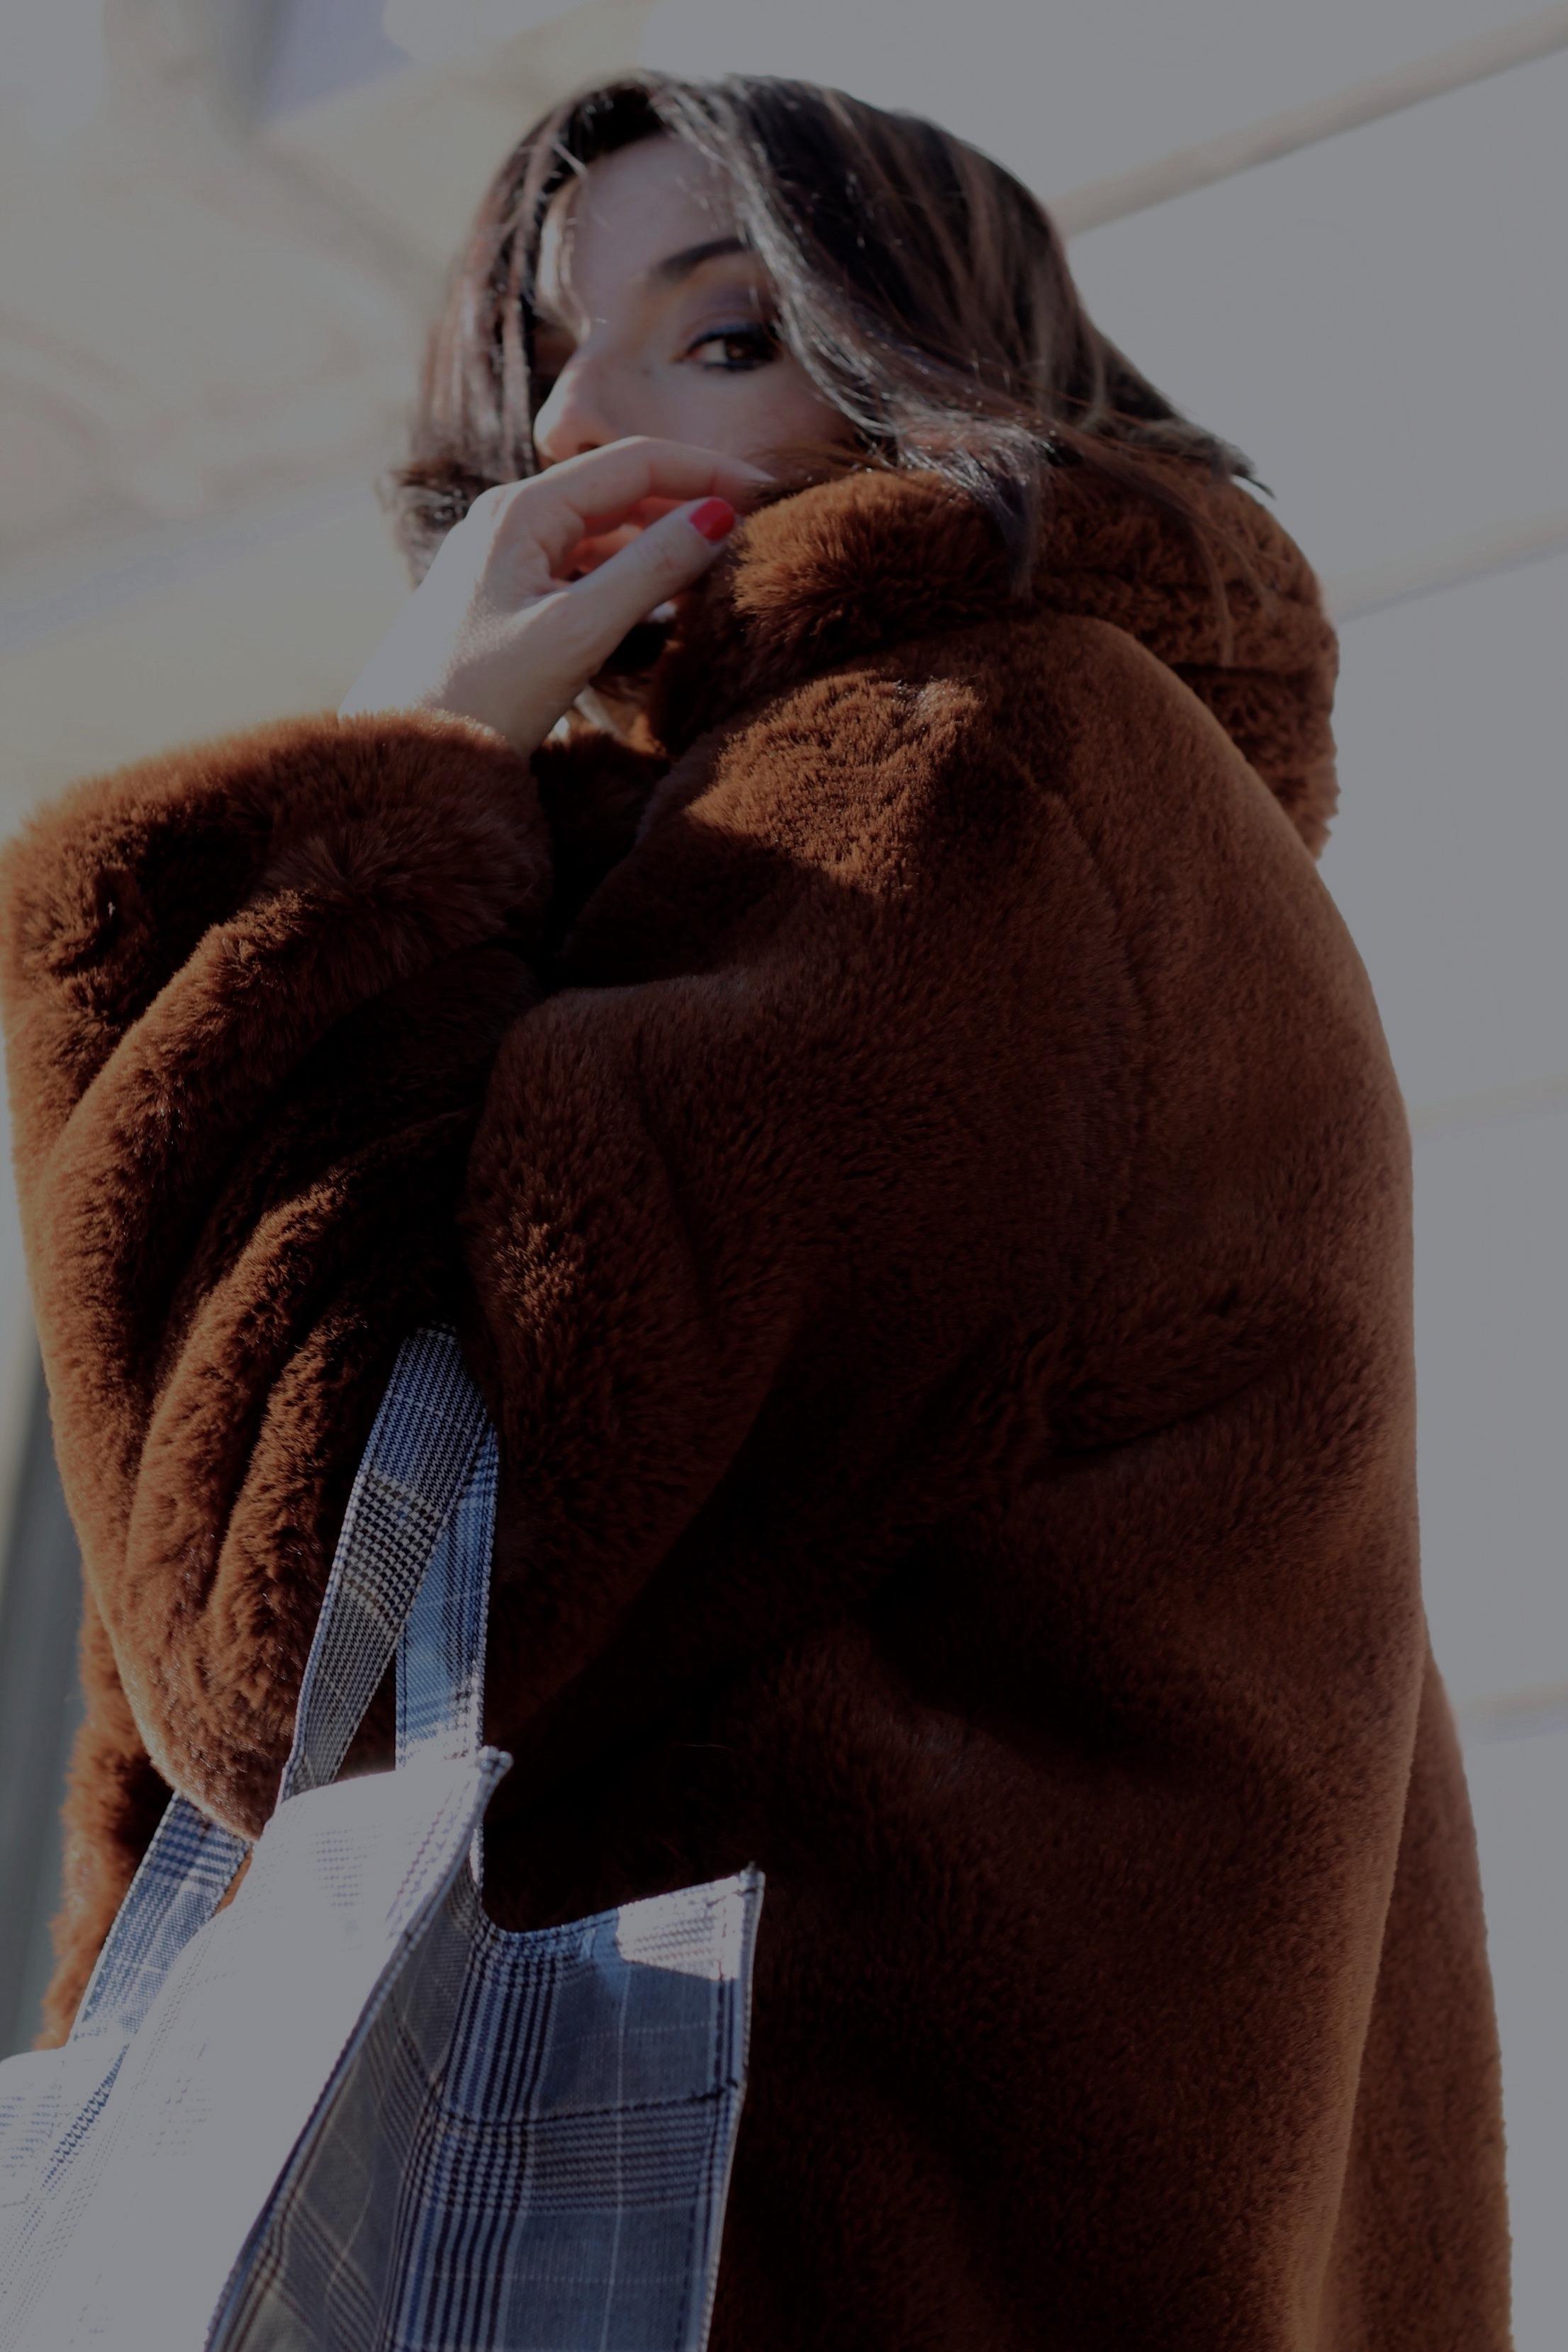 Cosa succederà nel 2018, Cosa succederà nel 2018 nella moda, pelliccia mango, stivali alti zara, outfit chic elegante inverno 2017, come vestirsi quando si gela 2017, come vestirsi chic in inverno 2017, elisa bellino, fashion blogger più seguite 2018, blogger moda instagram, blogger moda più seguite, fashion blogger famose, diormakeup 2017, trucco inverno 2017, come vestirsi al pranzo di natale 2017